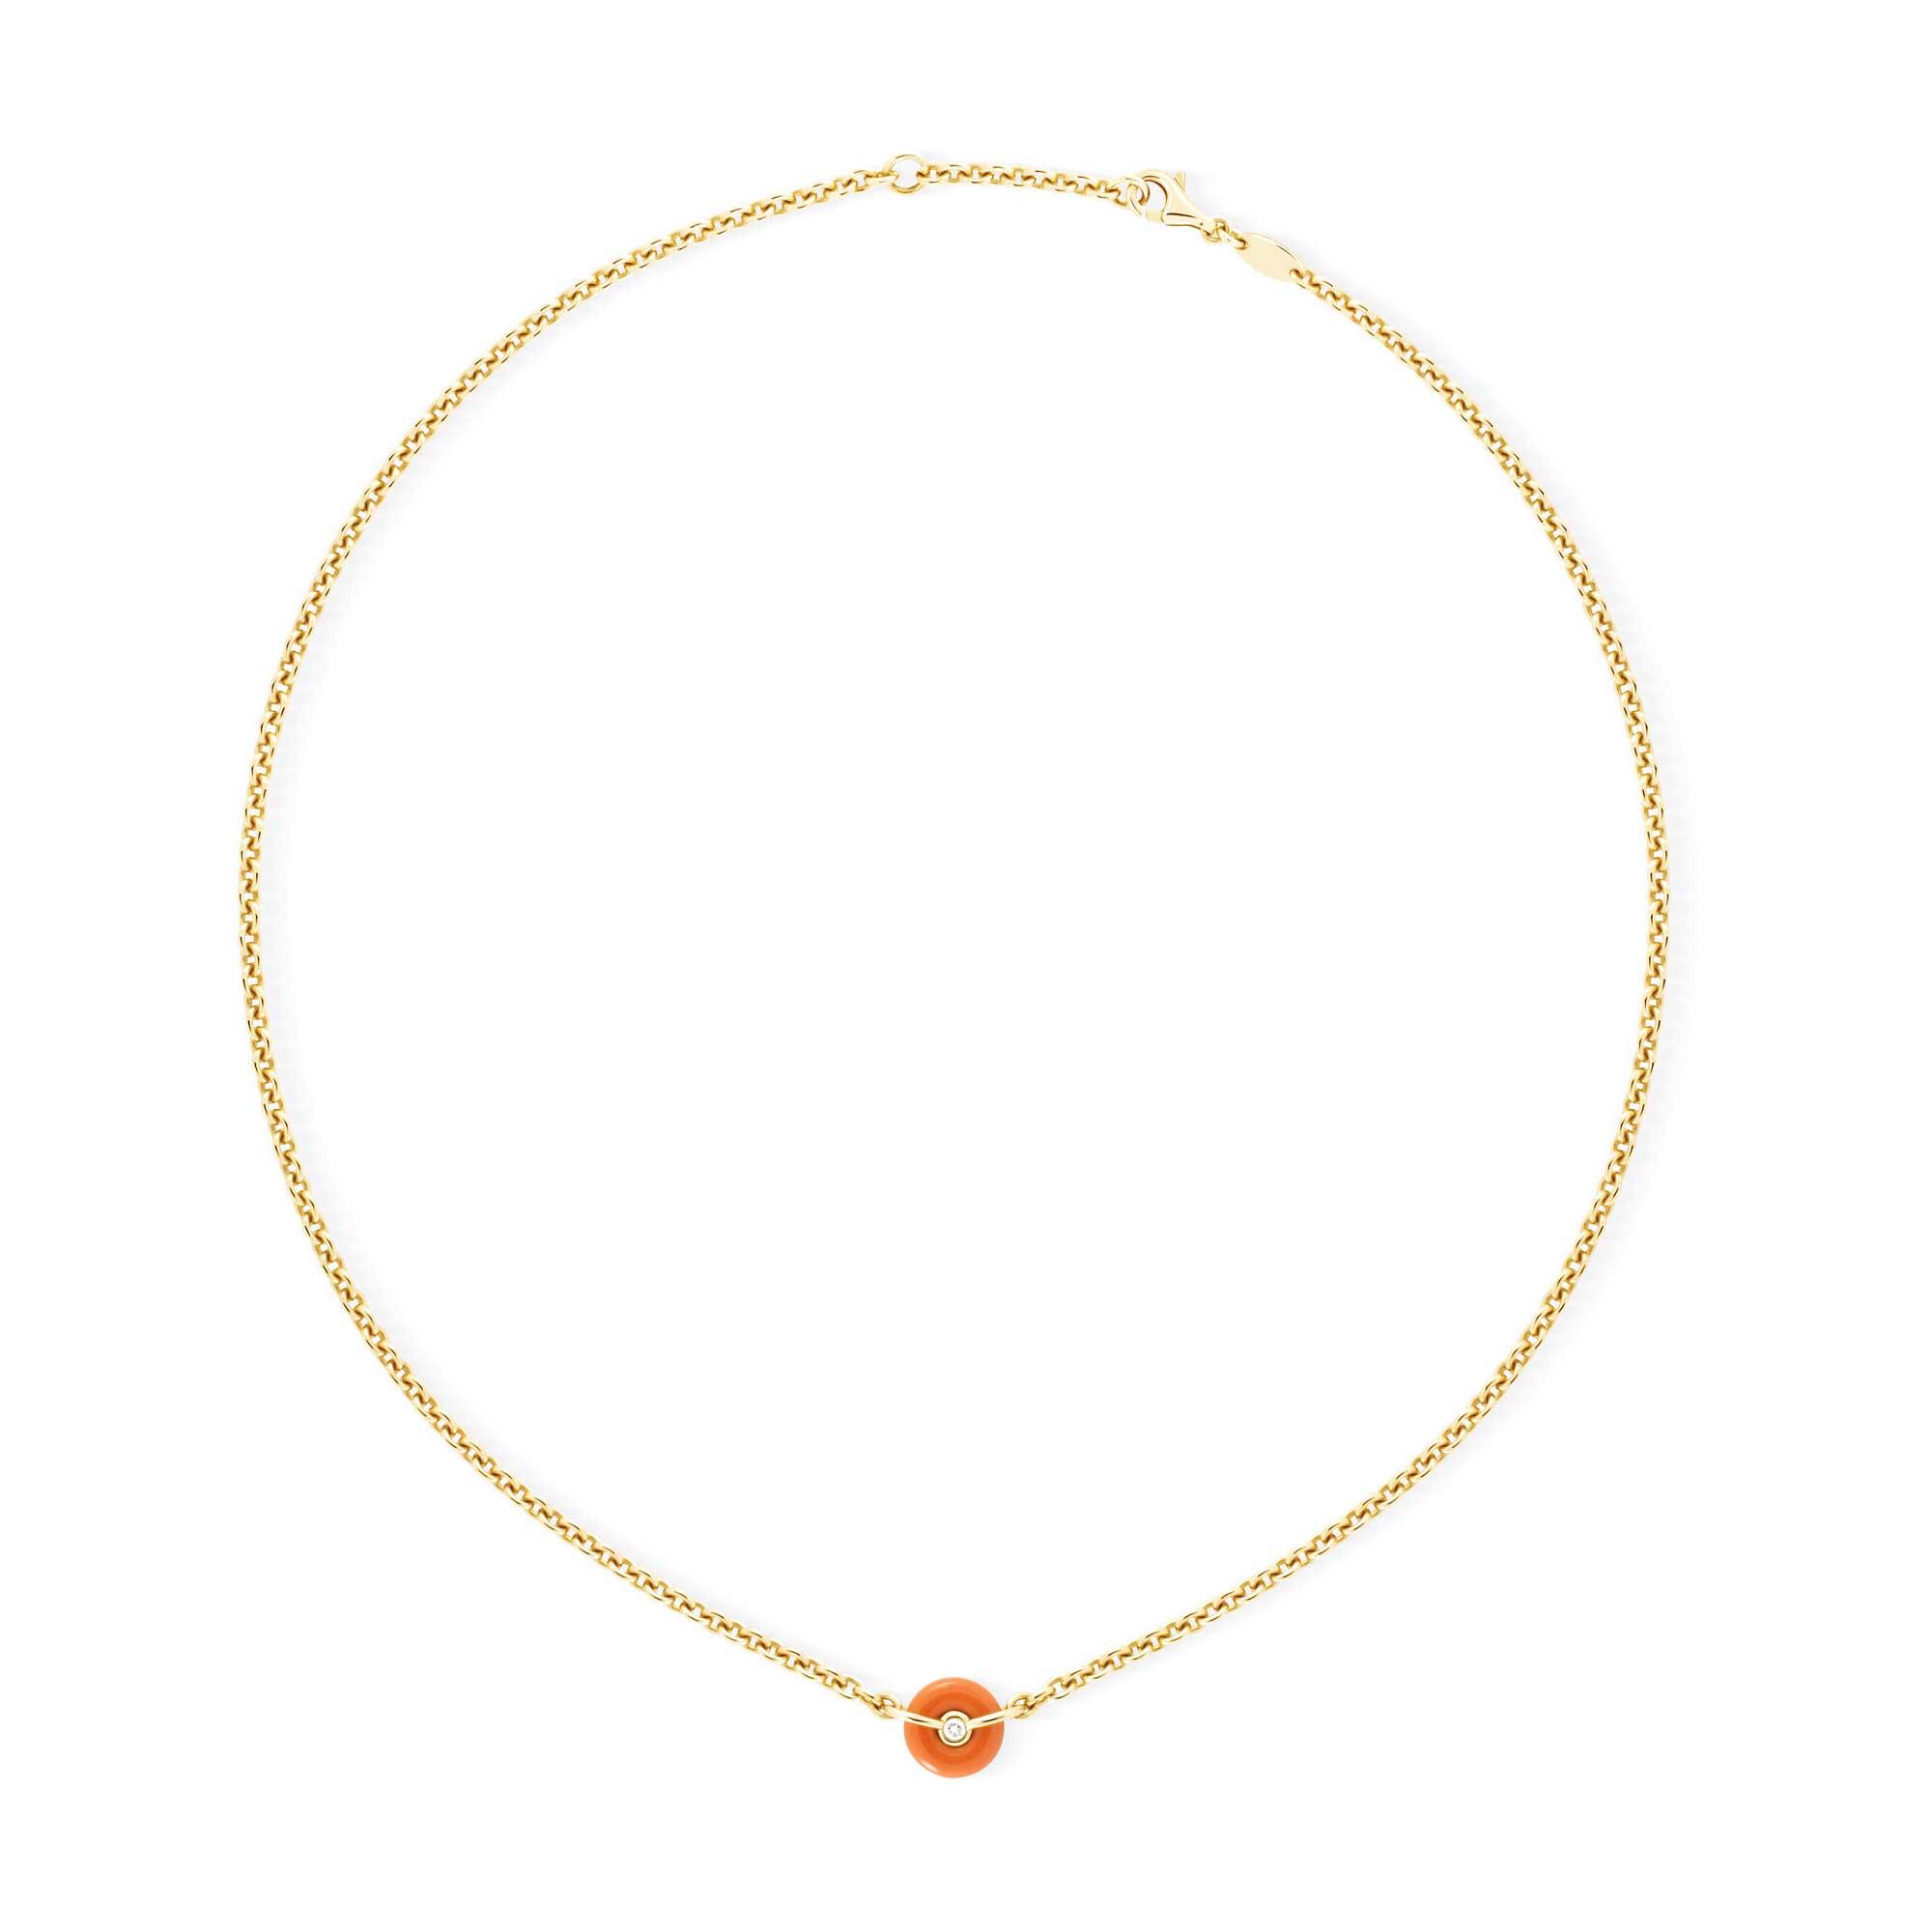 Collier chaine corail, or jaune et diamants 1 bouée - Joaillerie Canaglia Paris-Milan